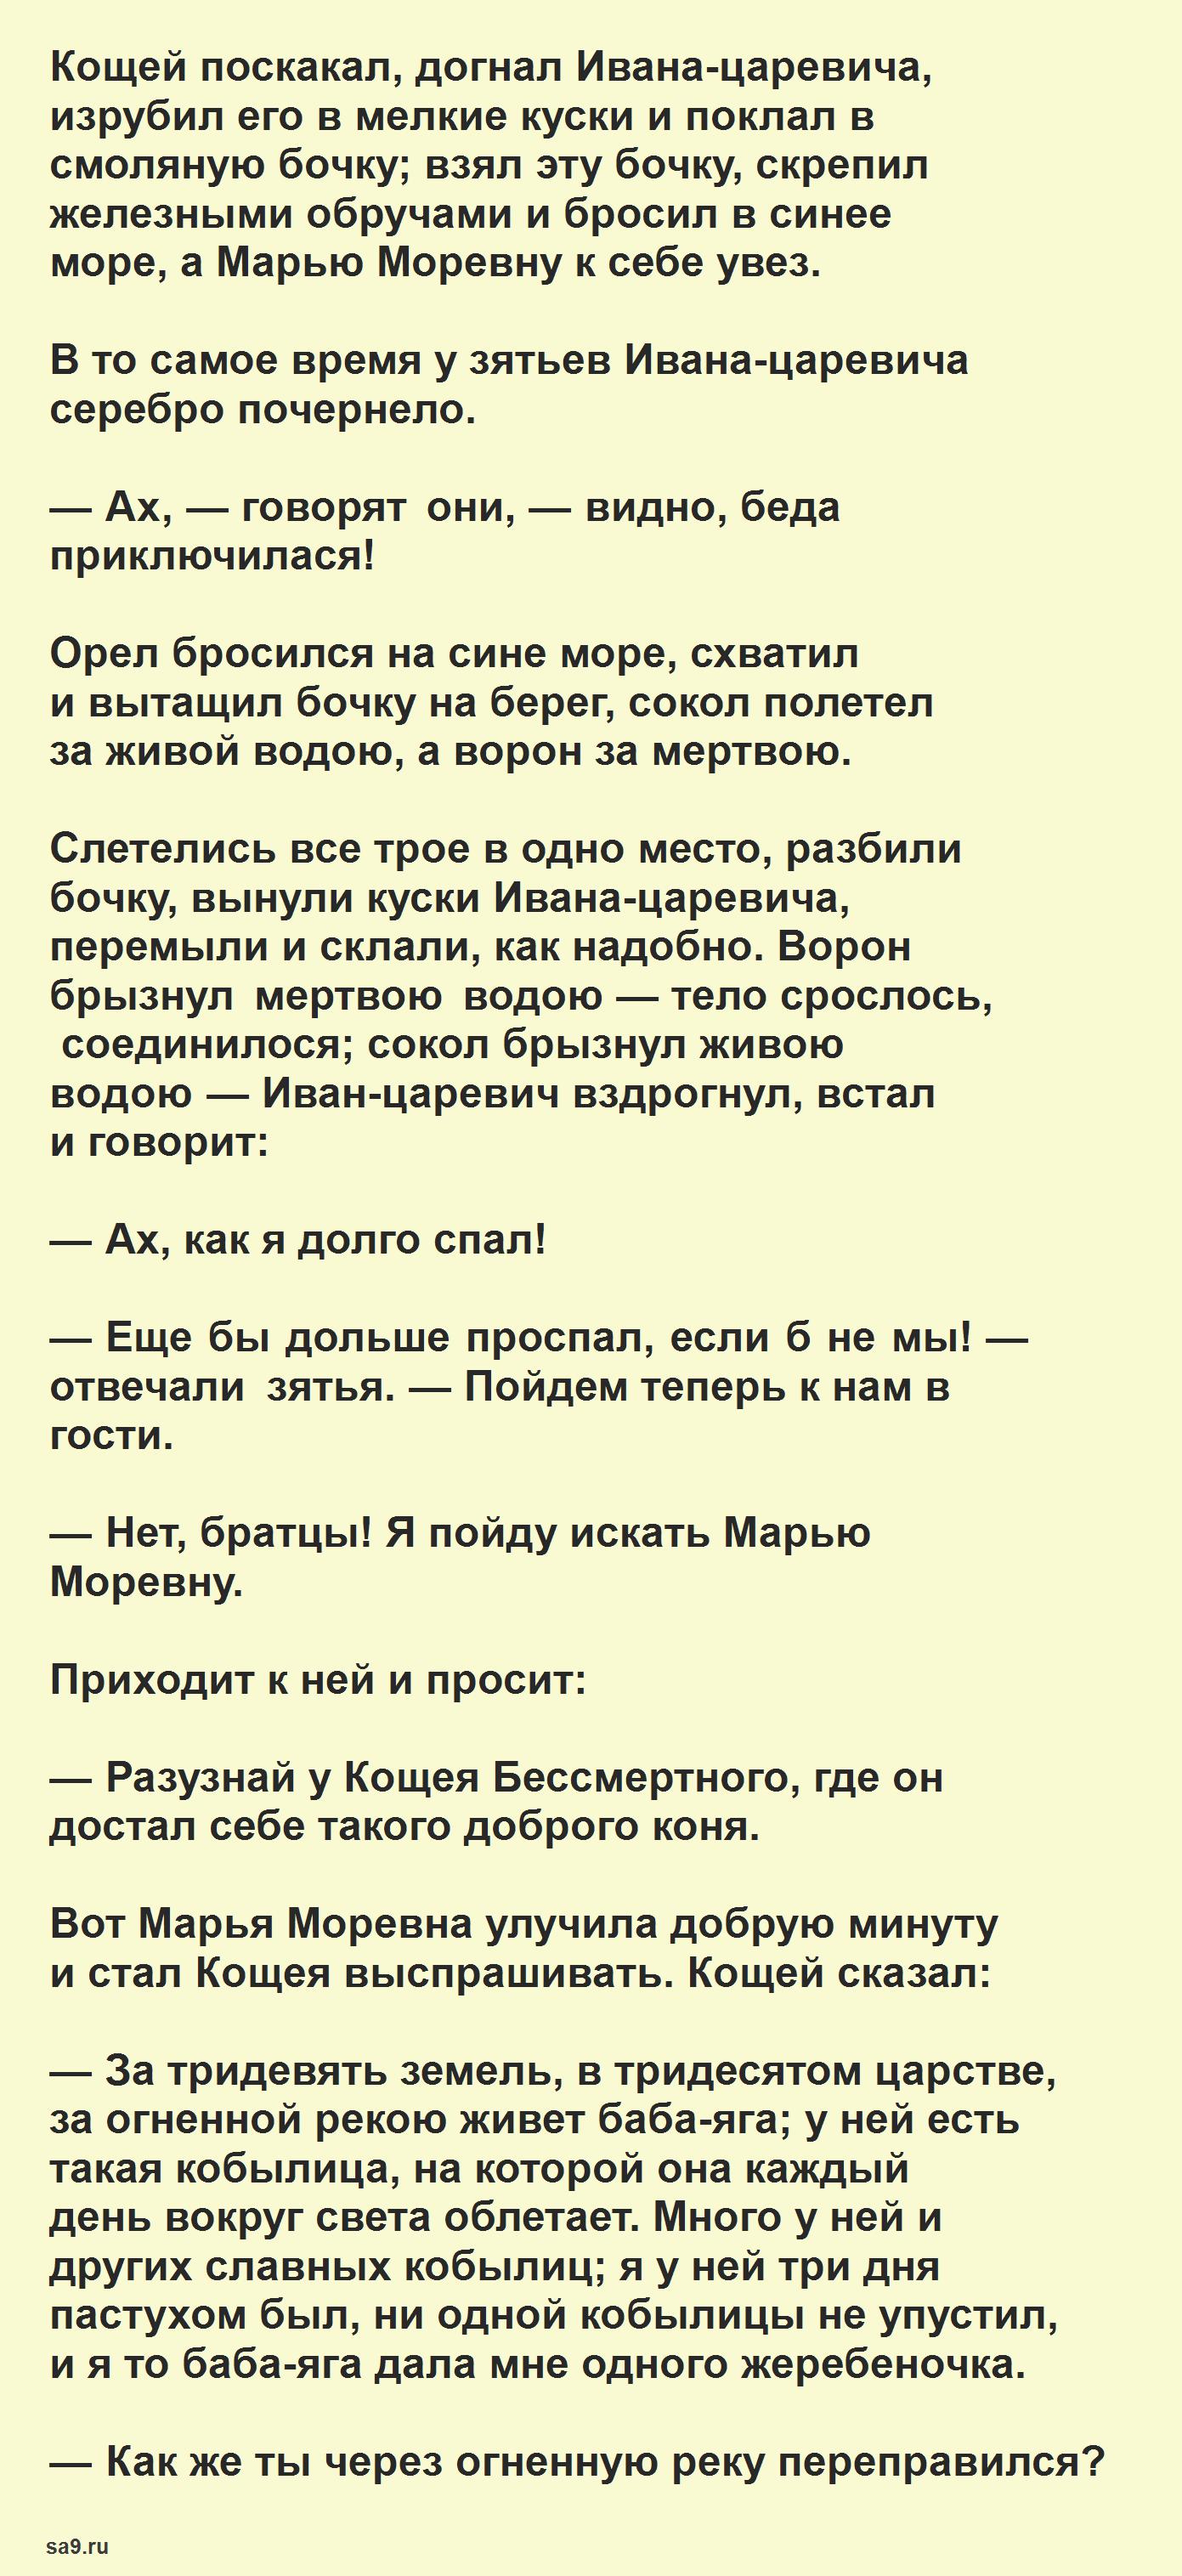 Русская народная сказка - Марья Моревна, читать текст полностью онлайн бесплатно